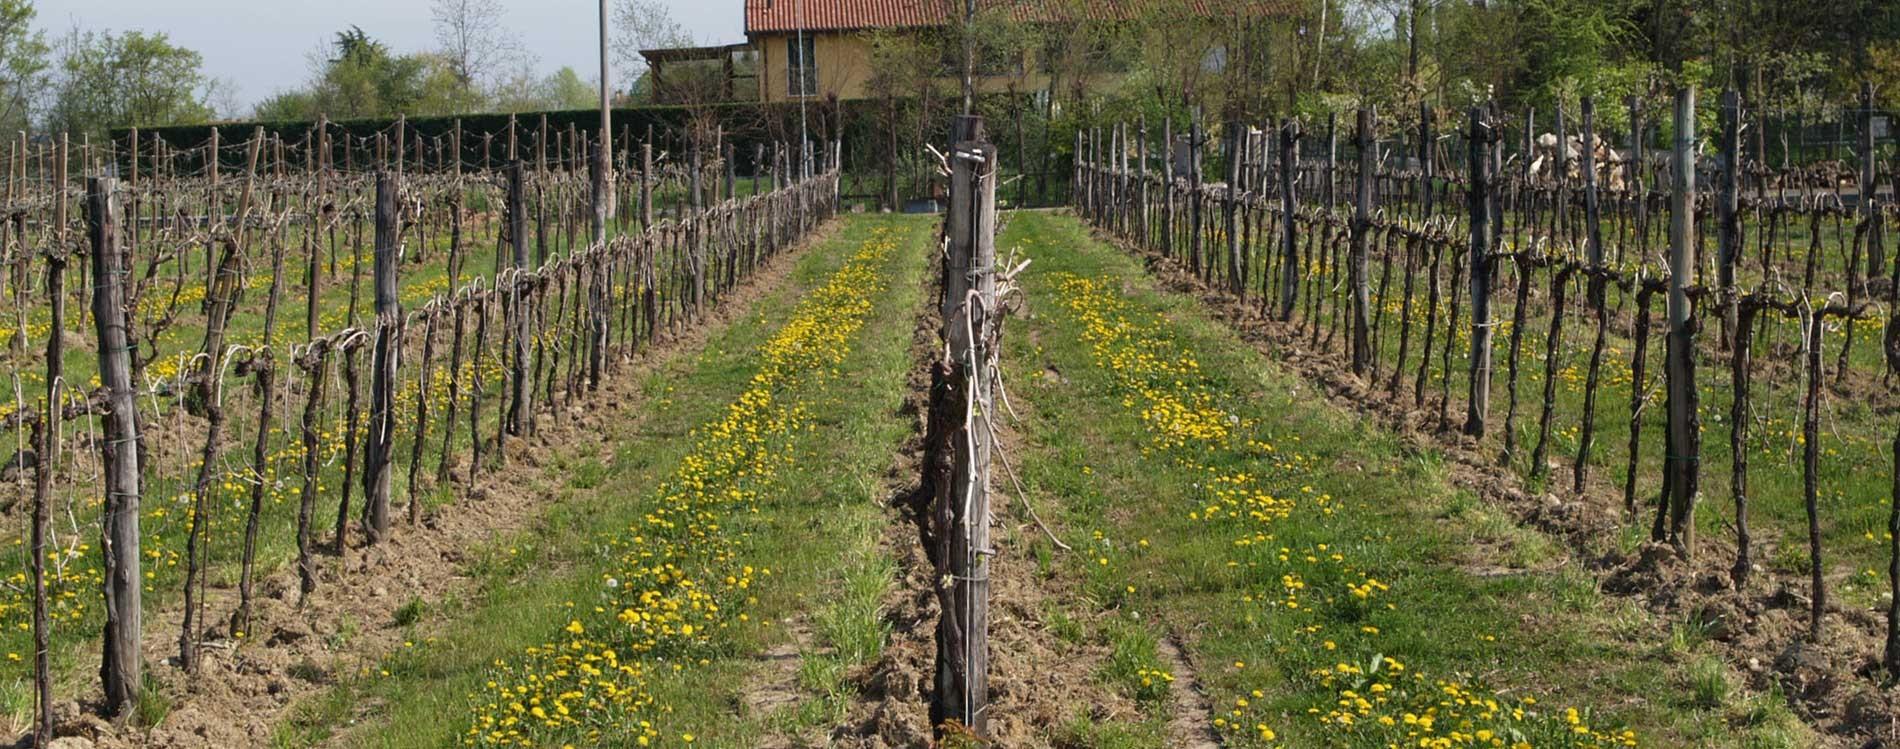 Produzione vini treviso vini di gorgo al monticano - Produzione mobilifici treviso ...